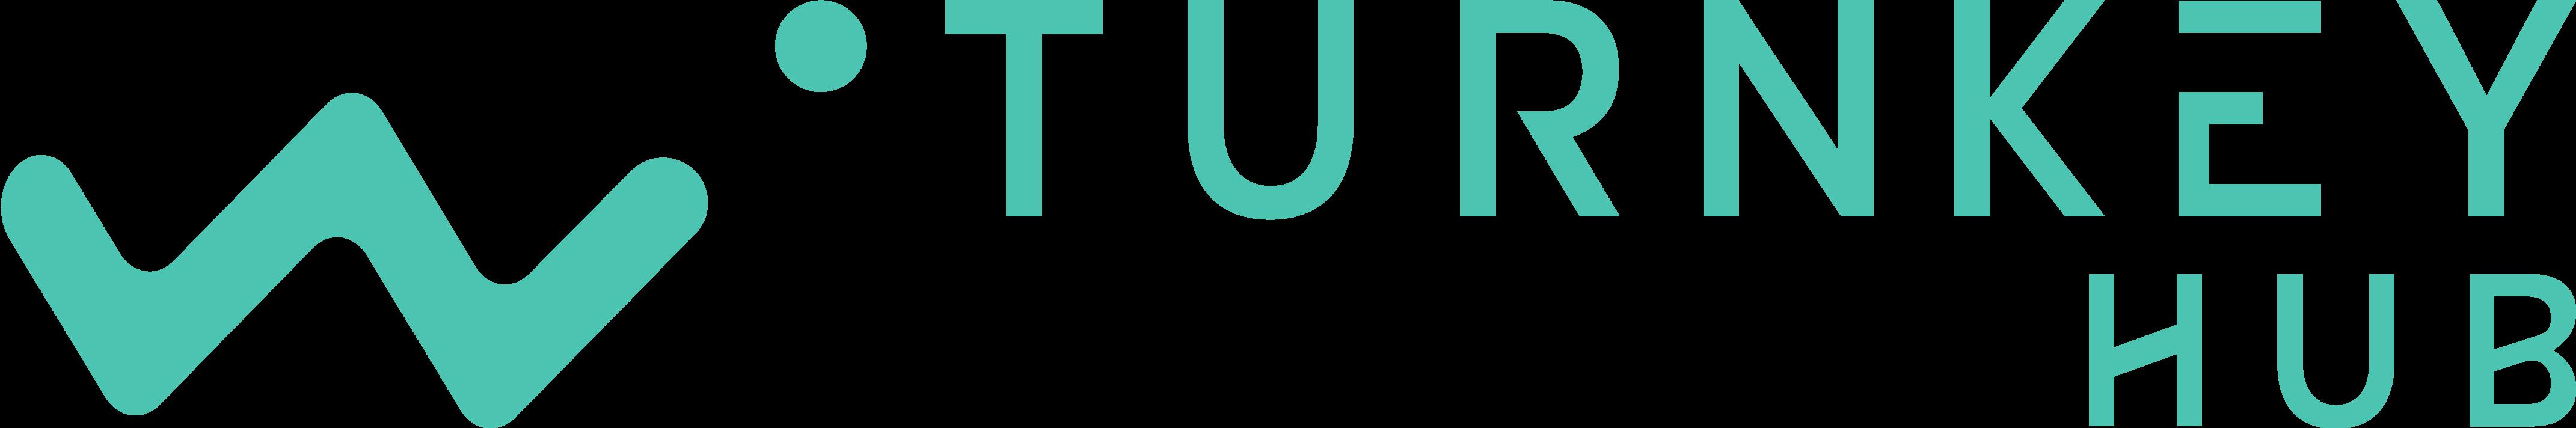 Turnkey Website Hub Logo